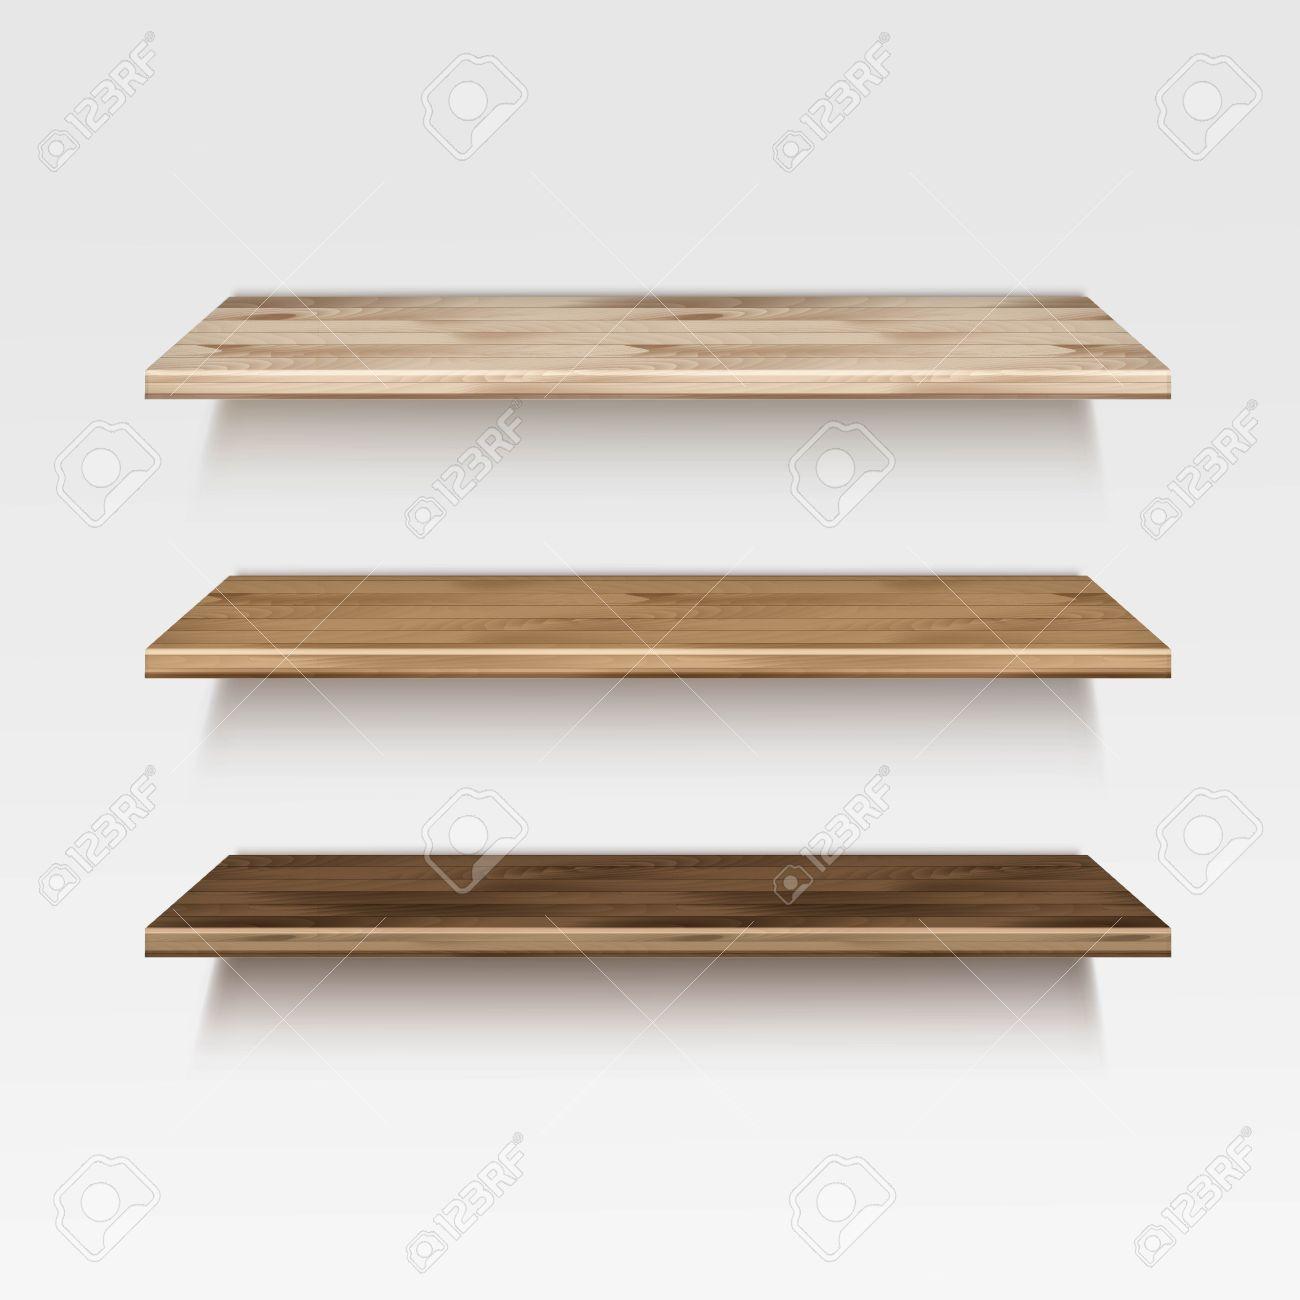 Houten Plank Voor Aan De Muur.Lege Houten Houten Plank Planken Geisoleerd Op Achtergrond Van De